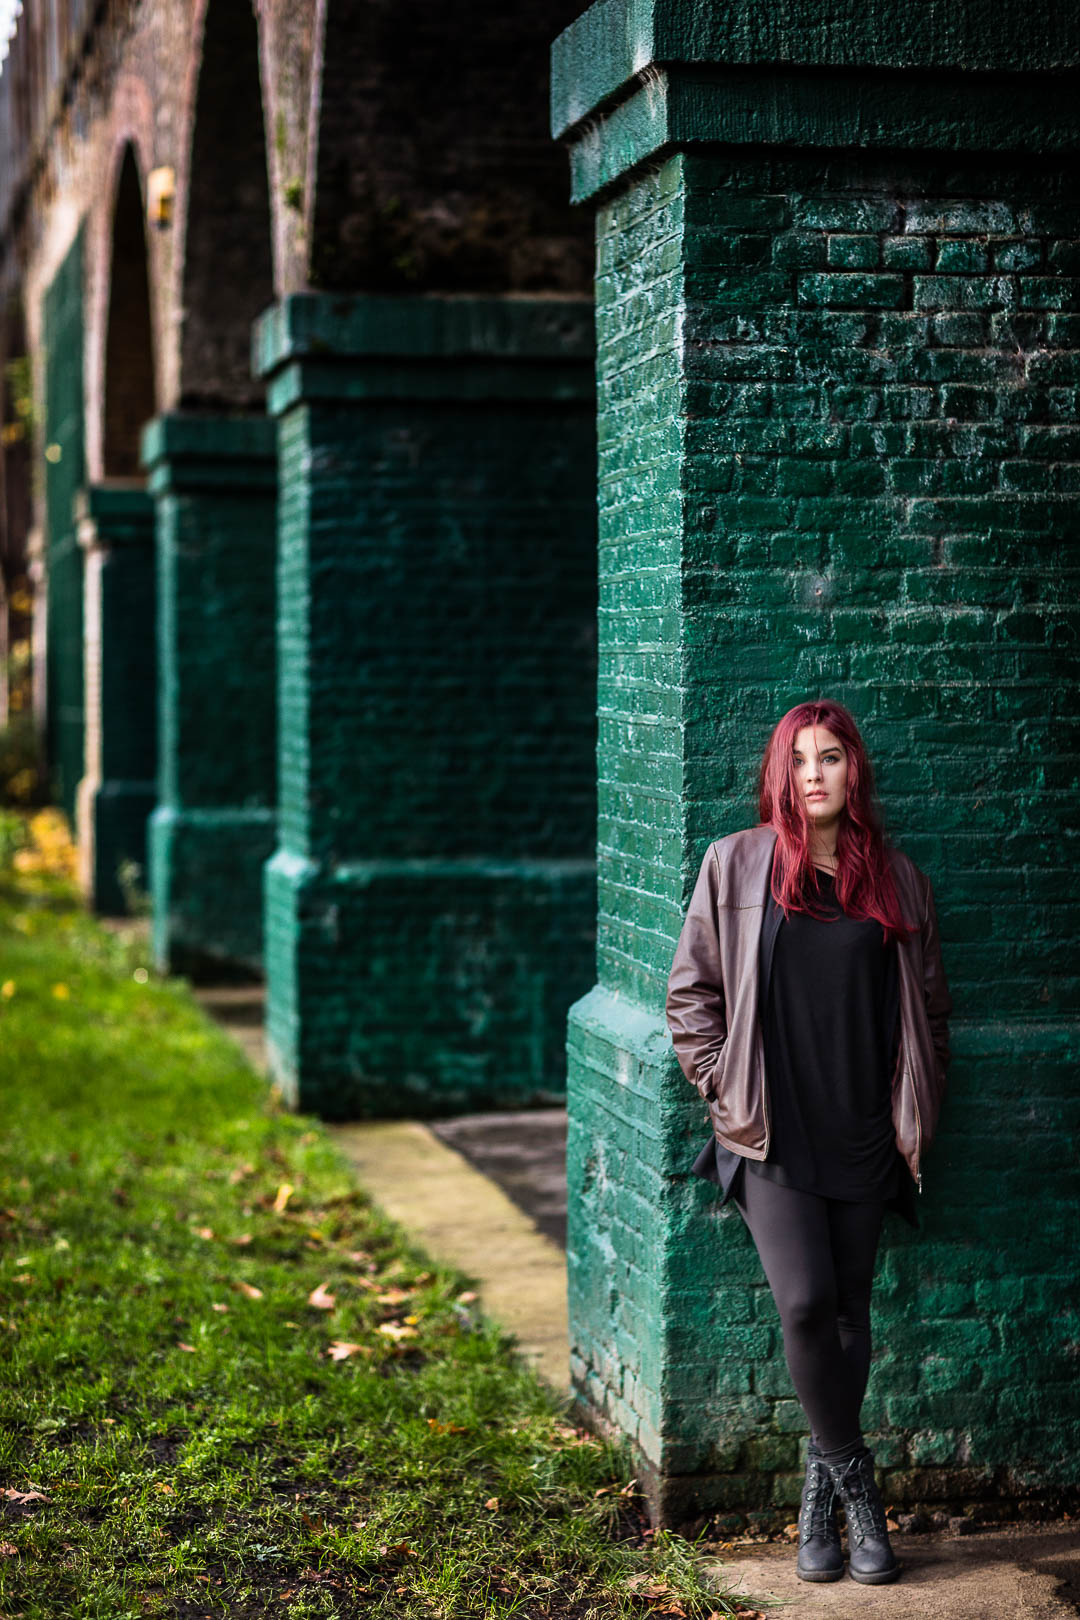 london portrait photography 8-2